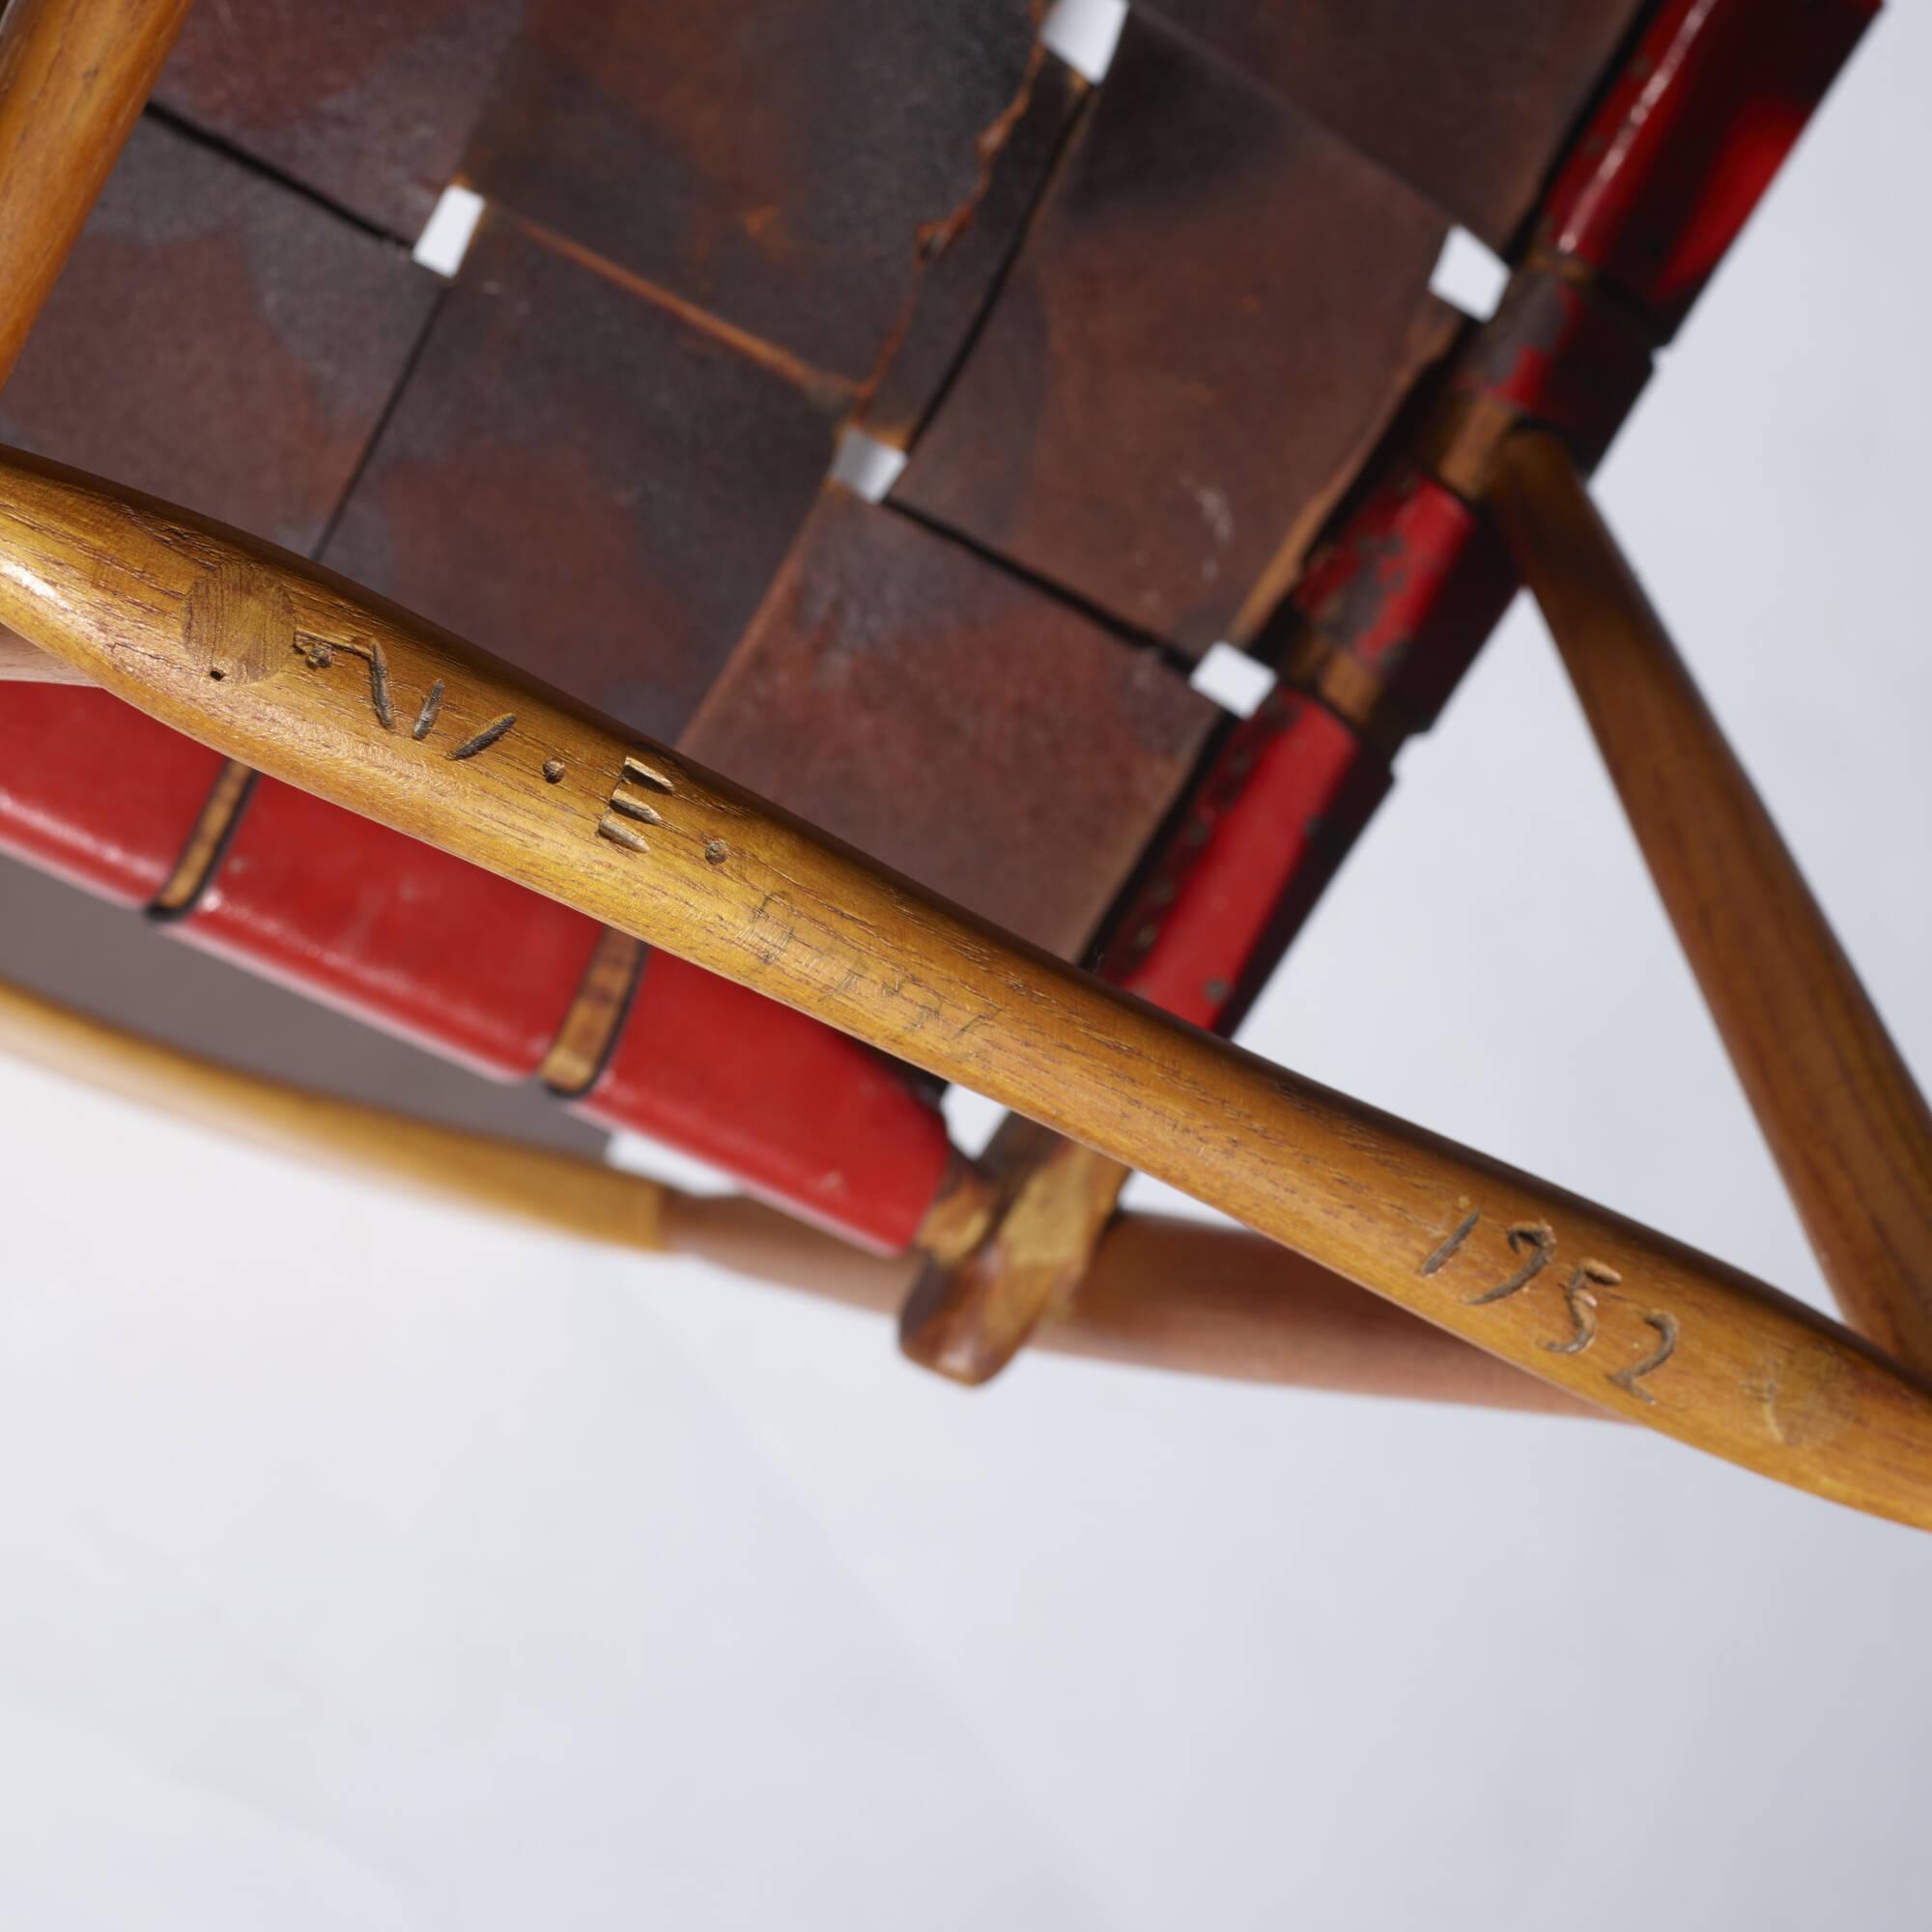 254: Wharton Esherick / Hammer Handle chairs, pair (4 of 4)